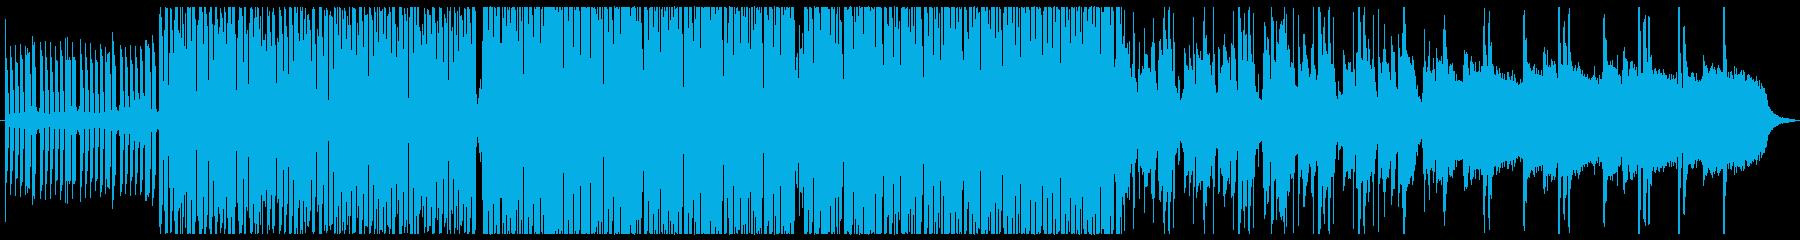 アッパーでグルーヴィーなファンクの再生済みの波形